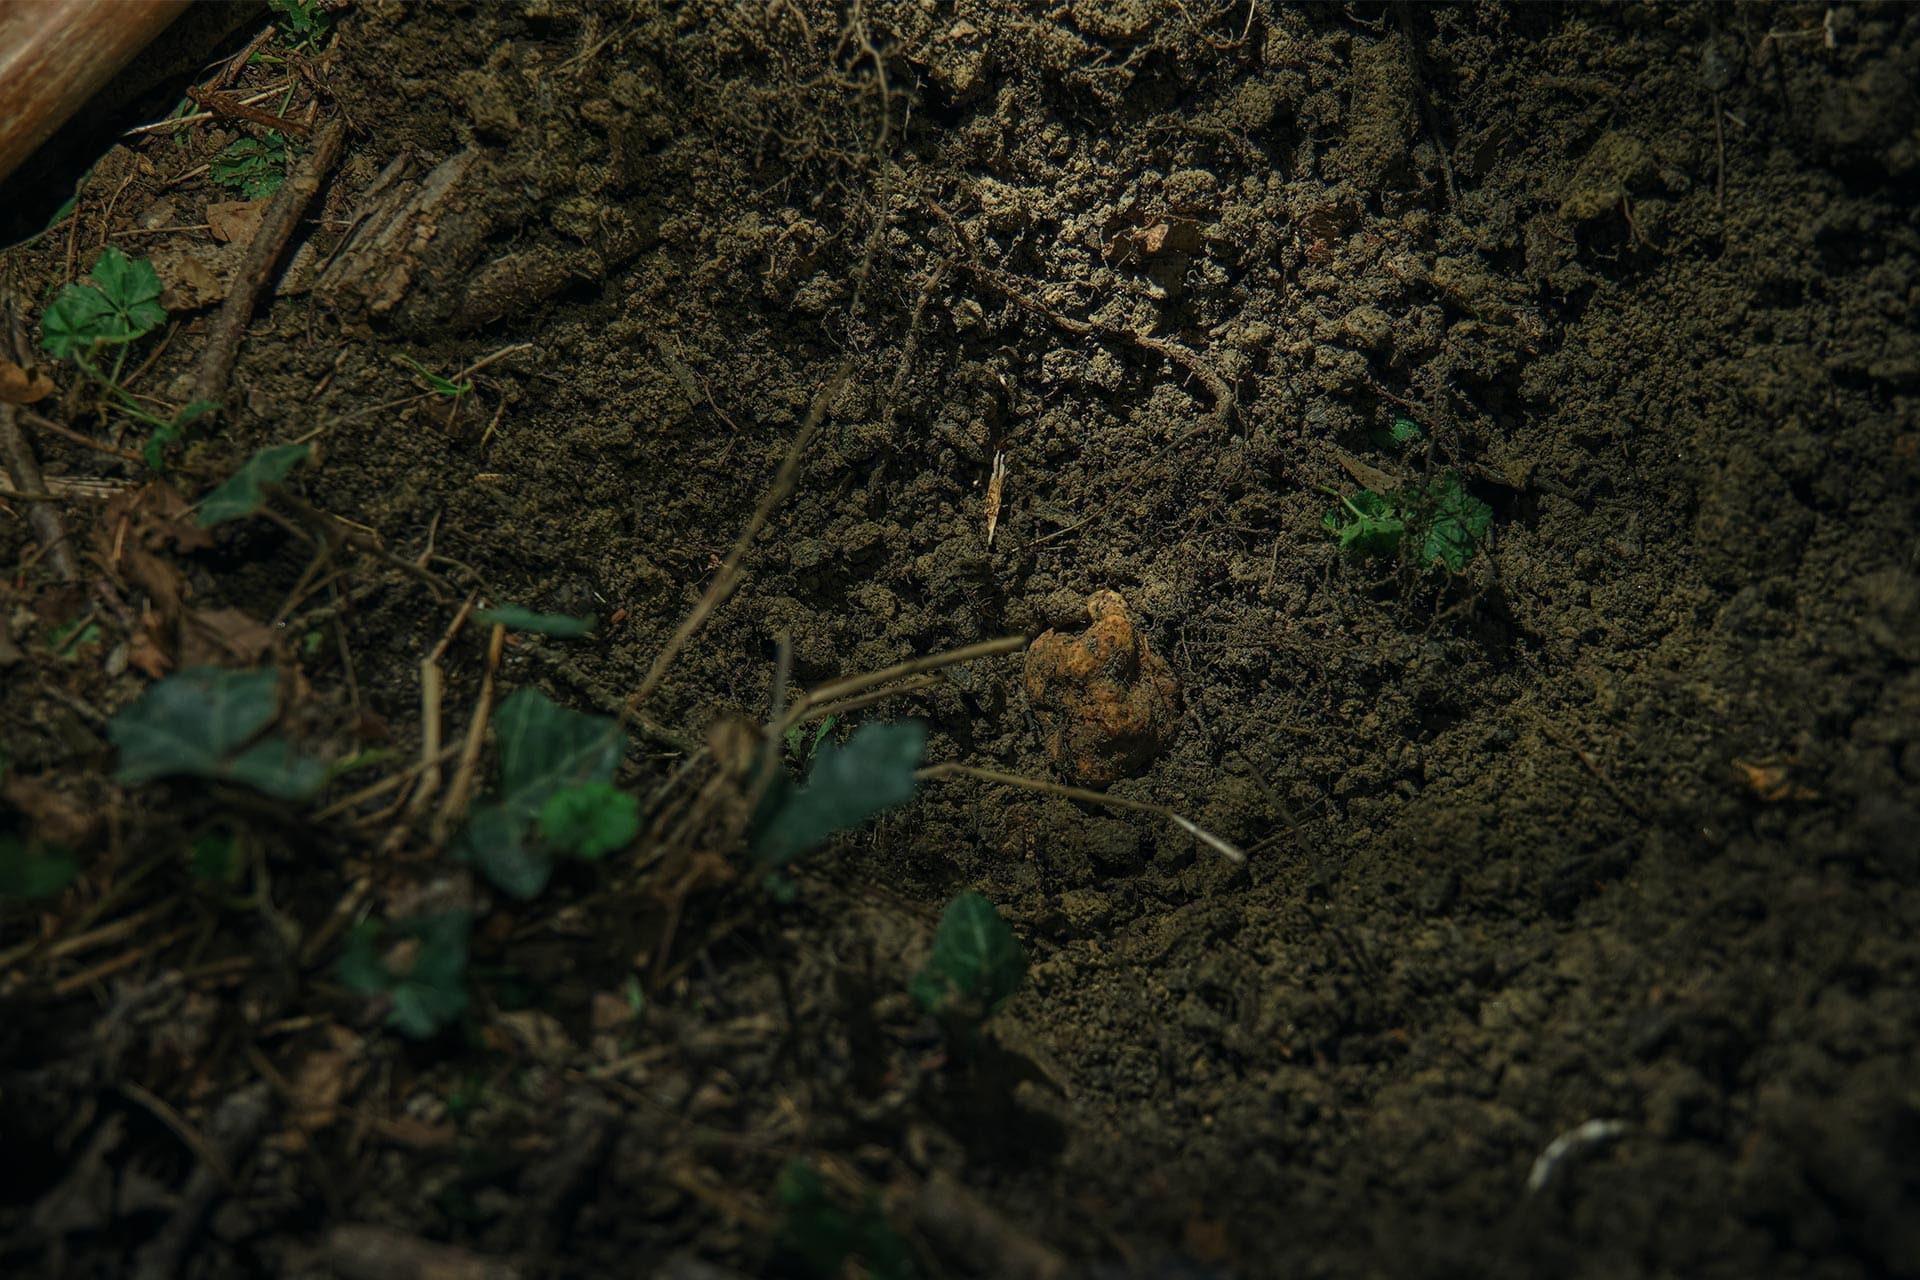 a truffle hidden in the soil